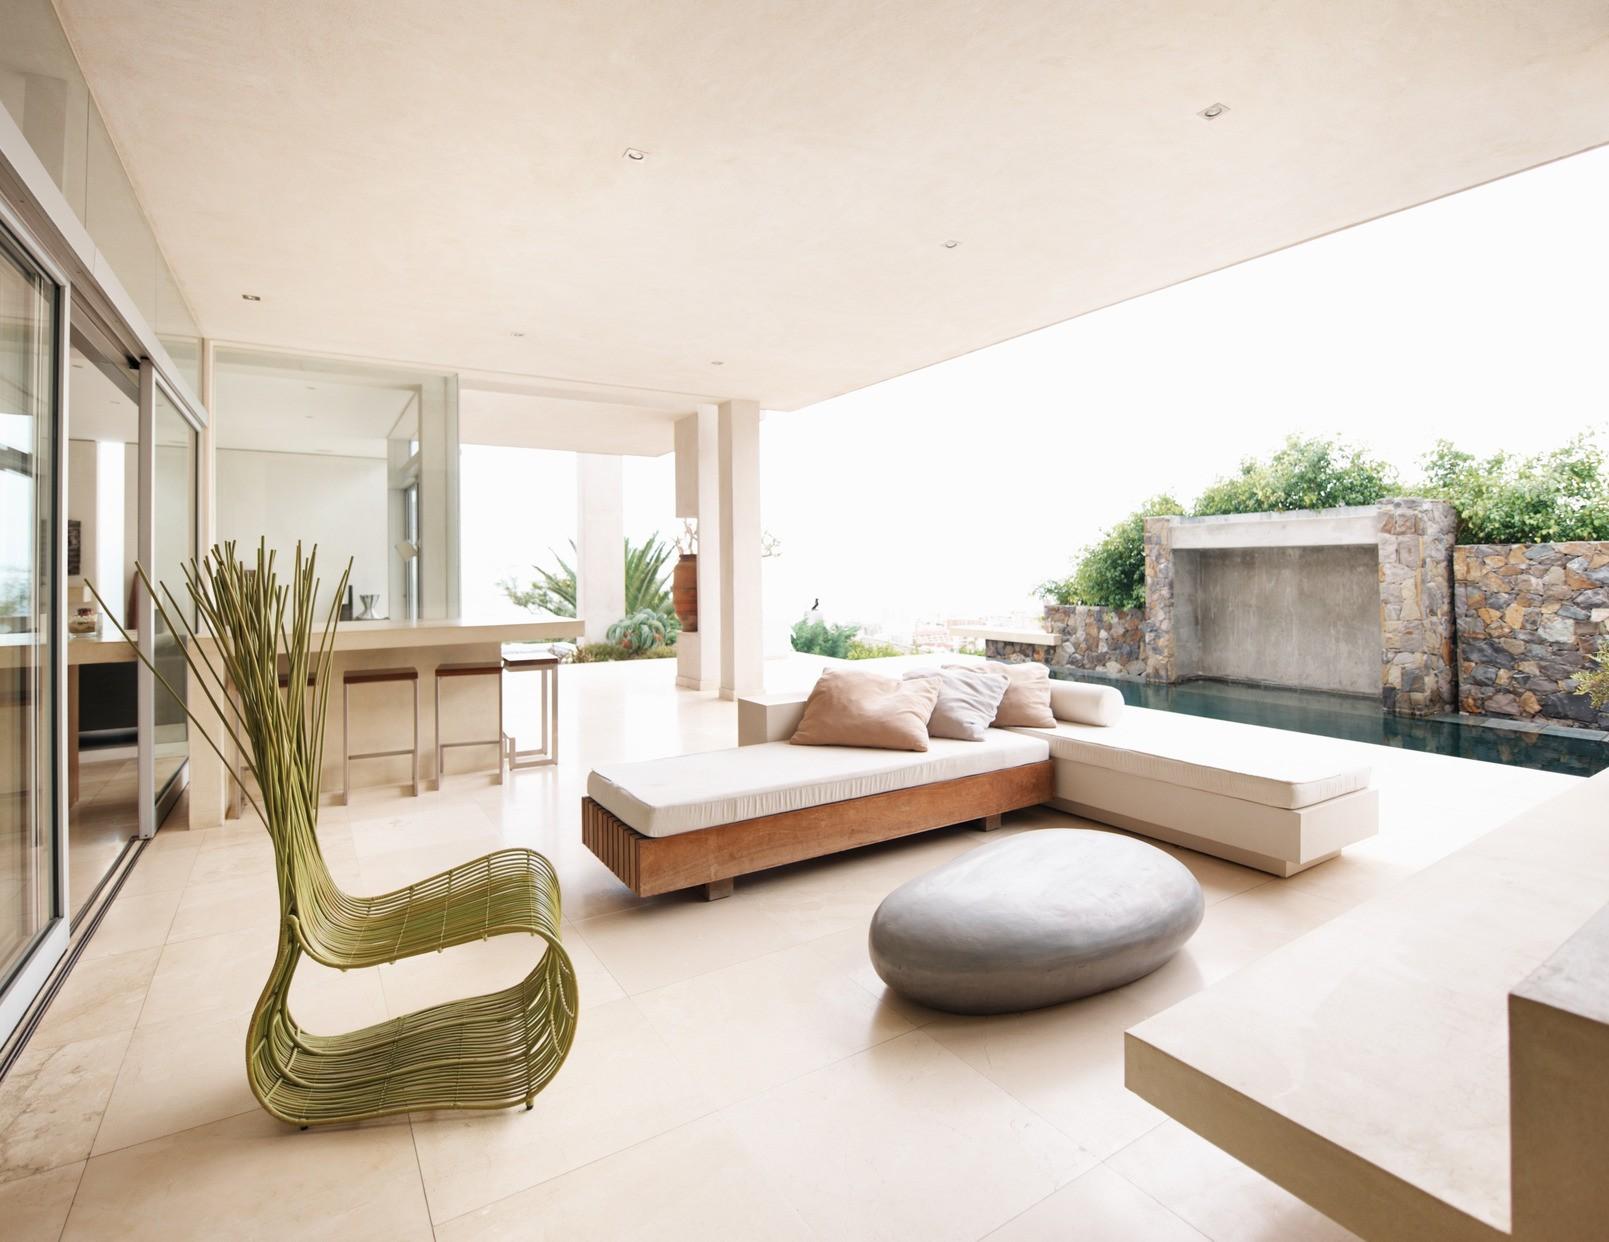 квартира в светлых тонах и современном стиле интерьер